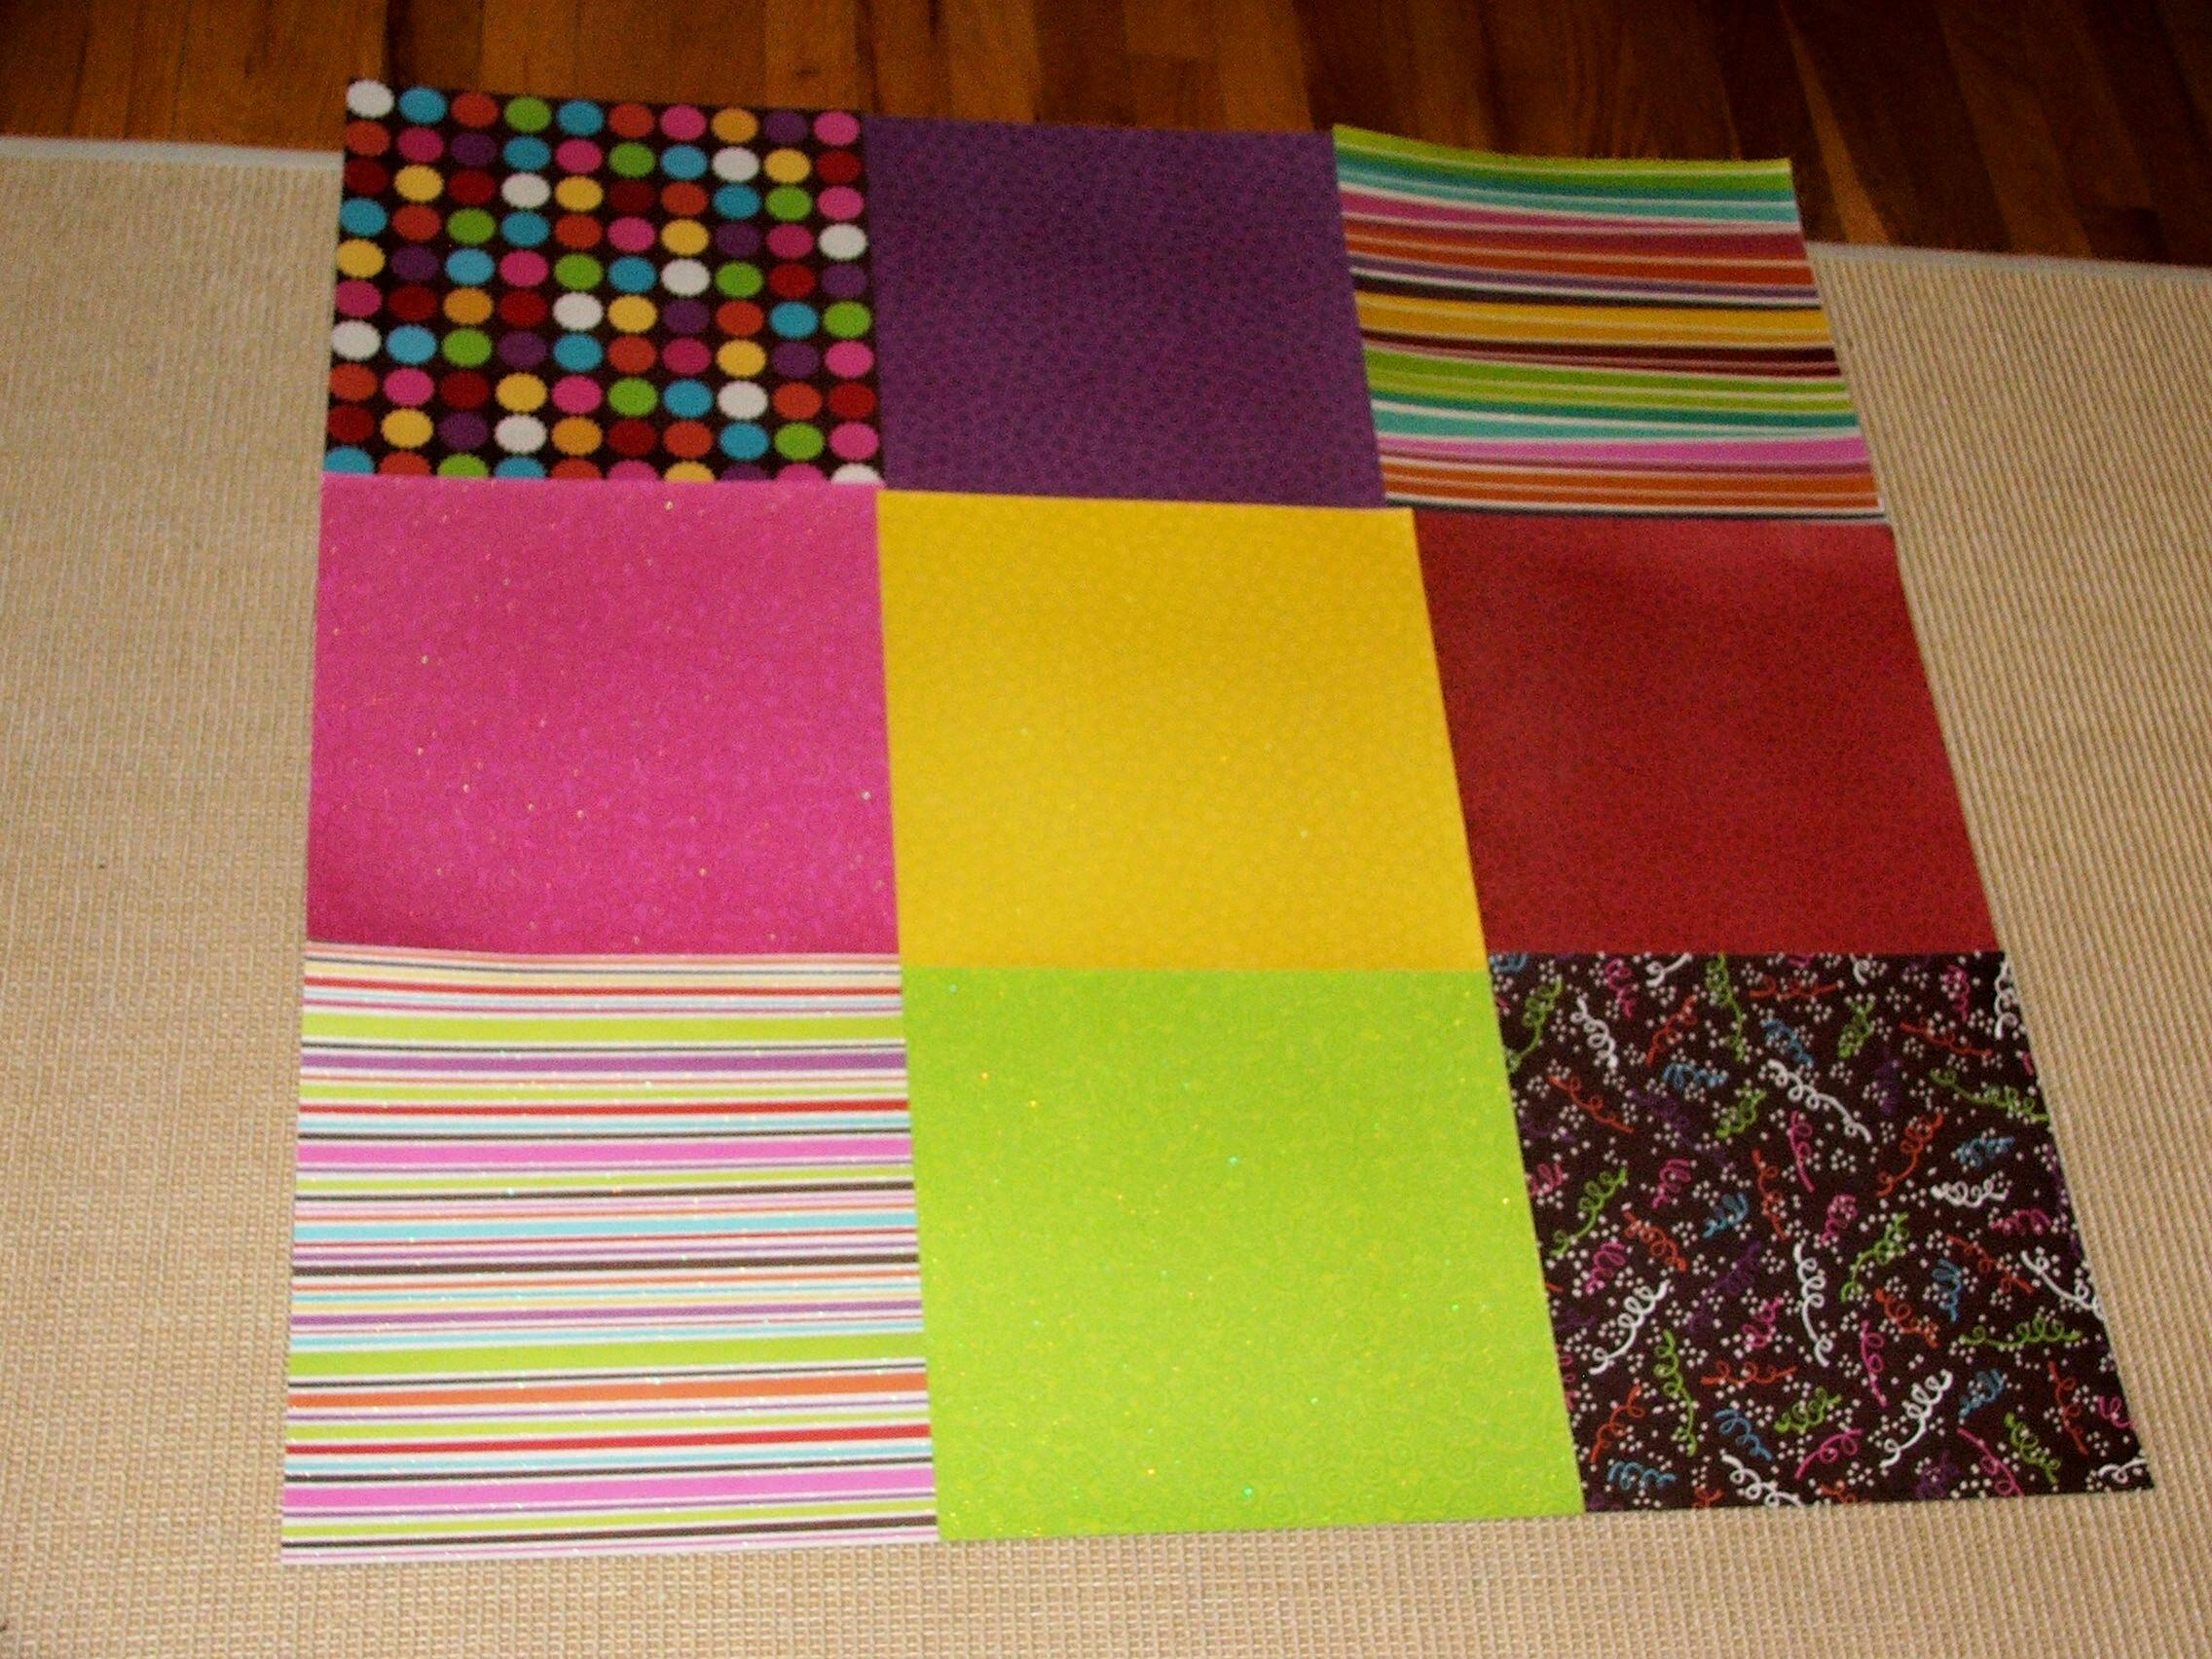 Homemade life wallpaper bing images for Homemade wallpaper